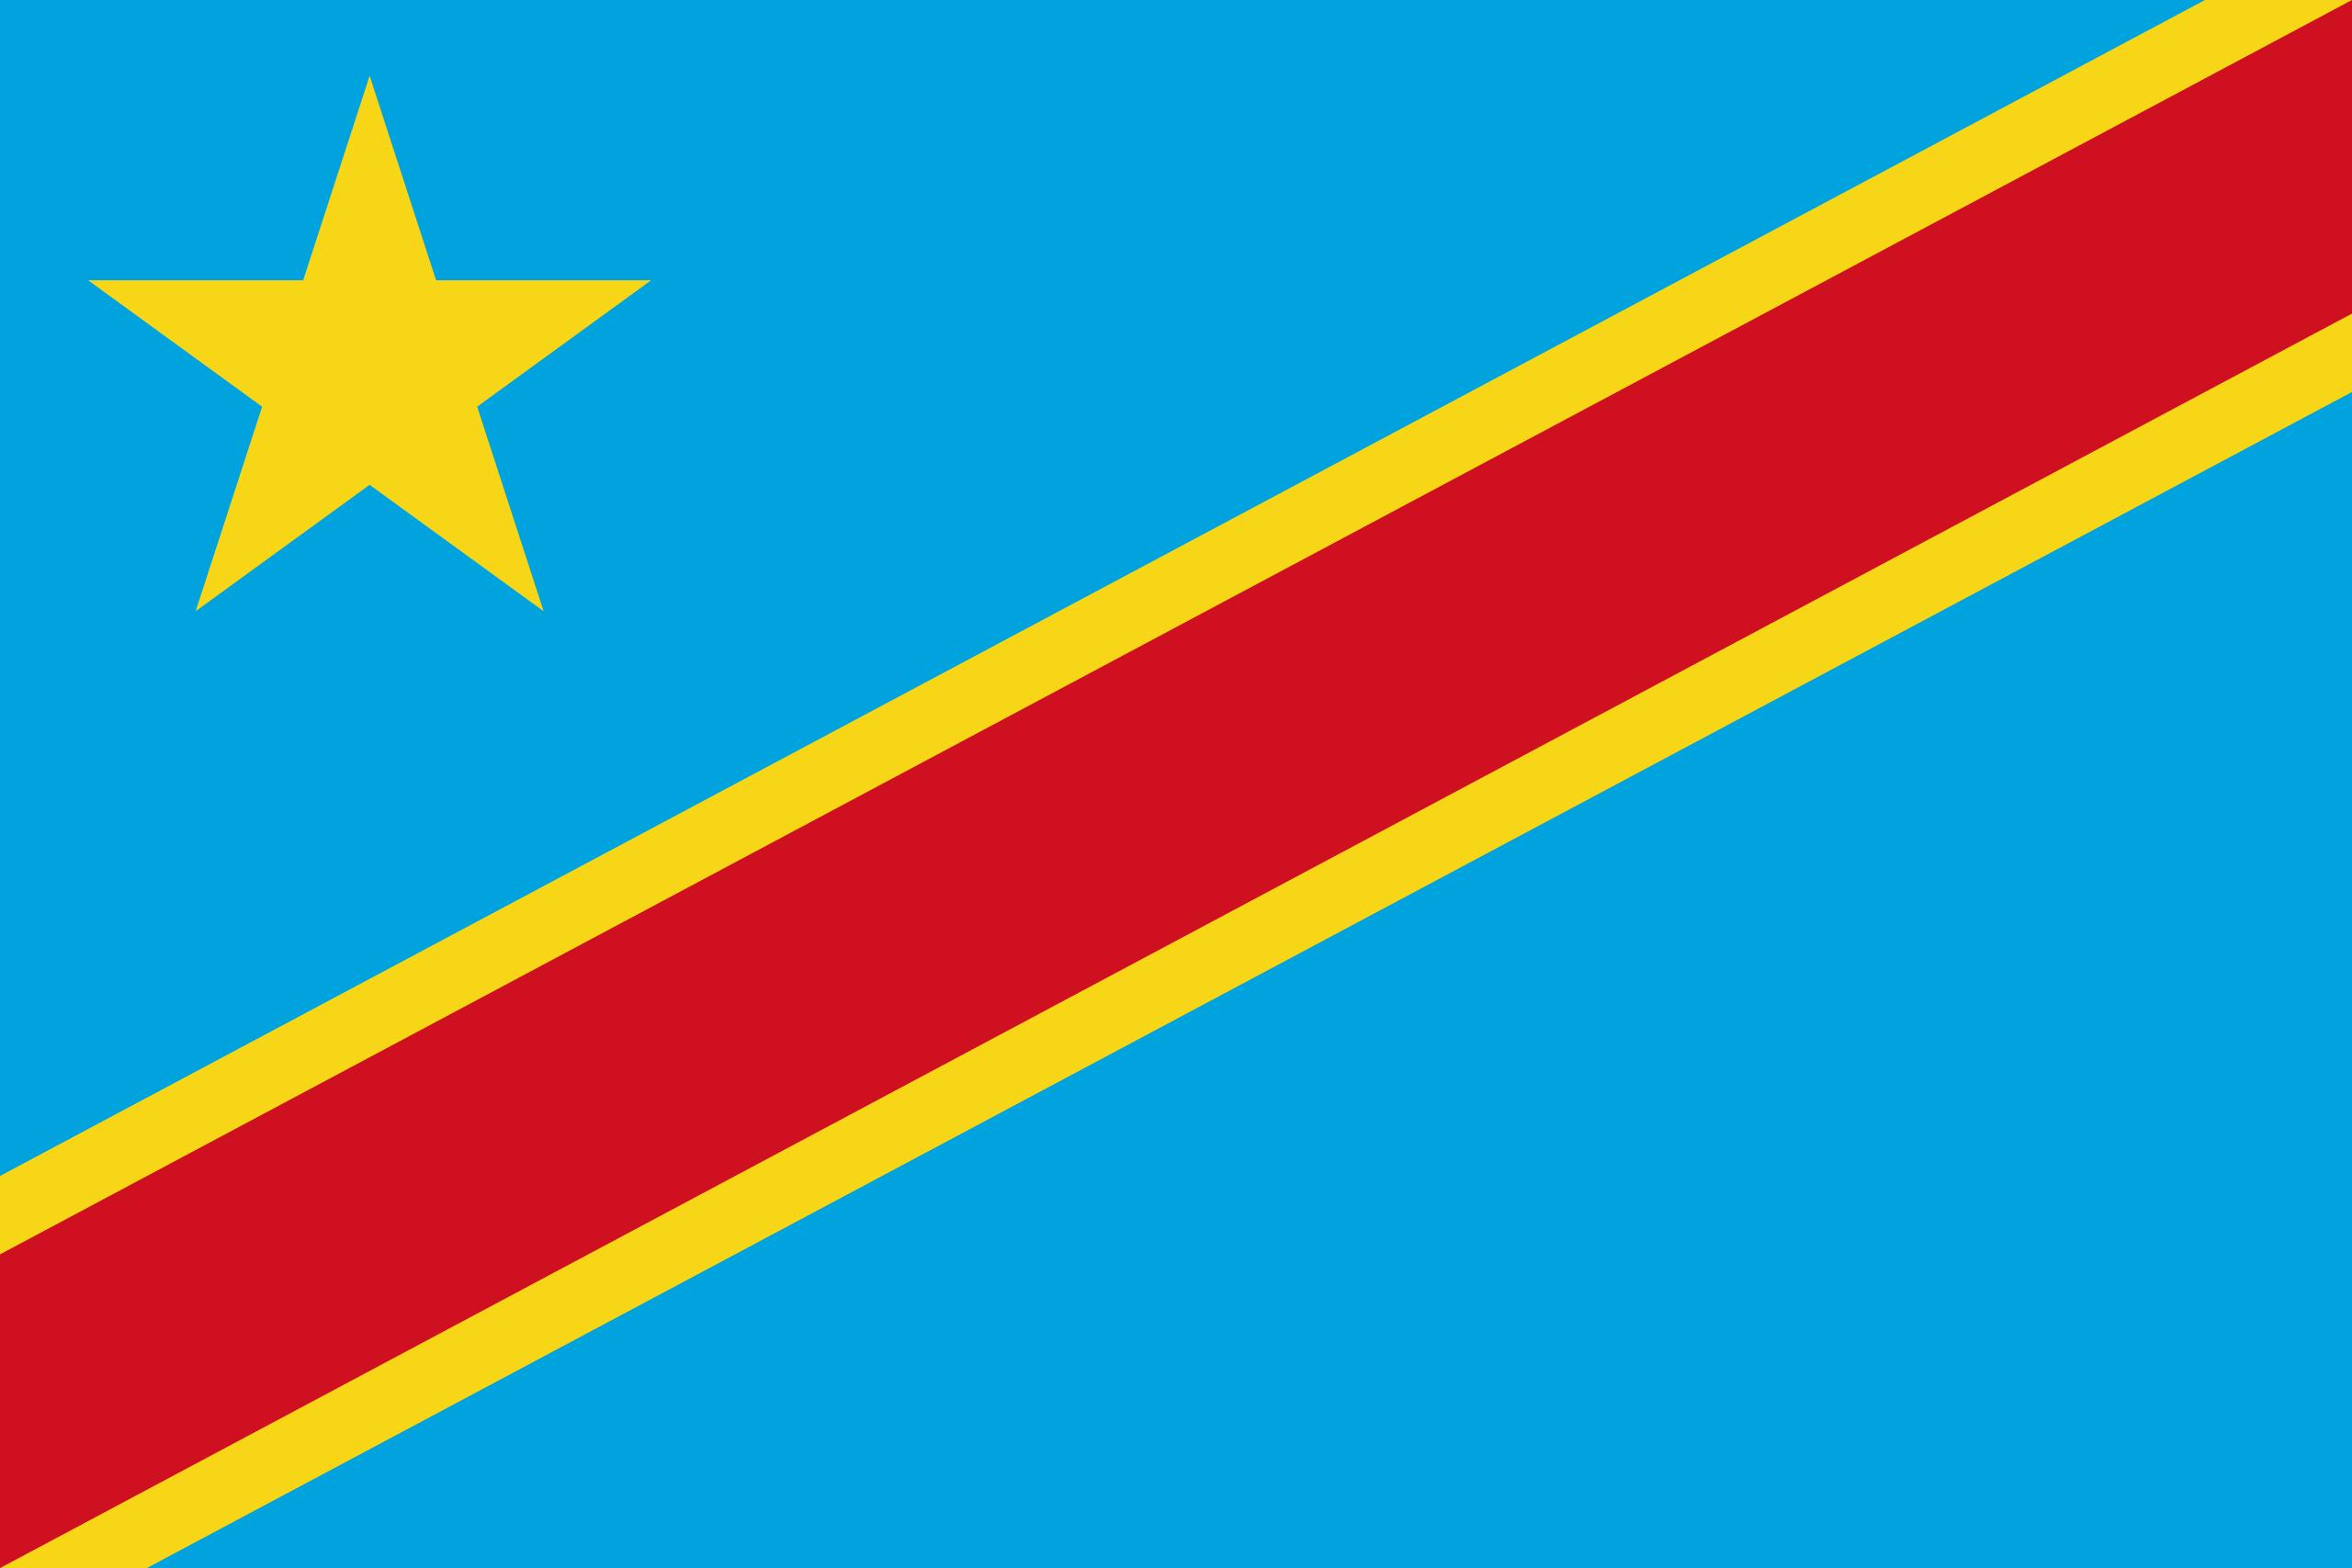 Drapeau de la RD Congo